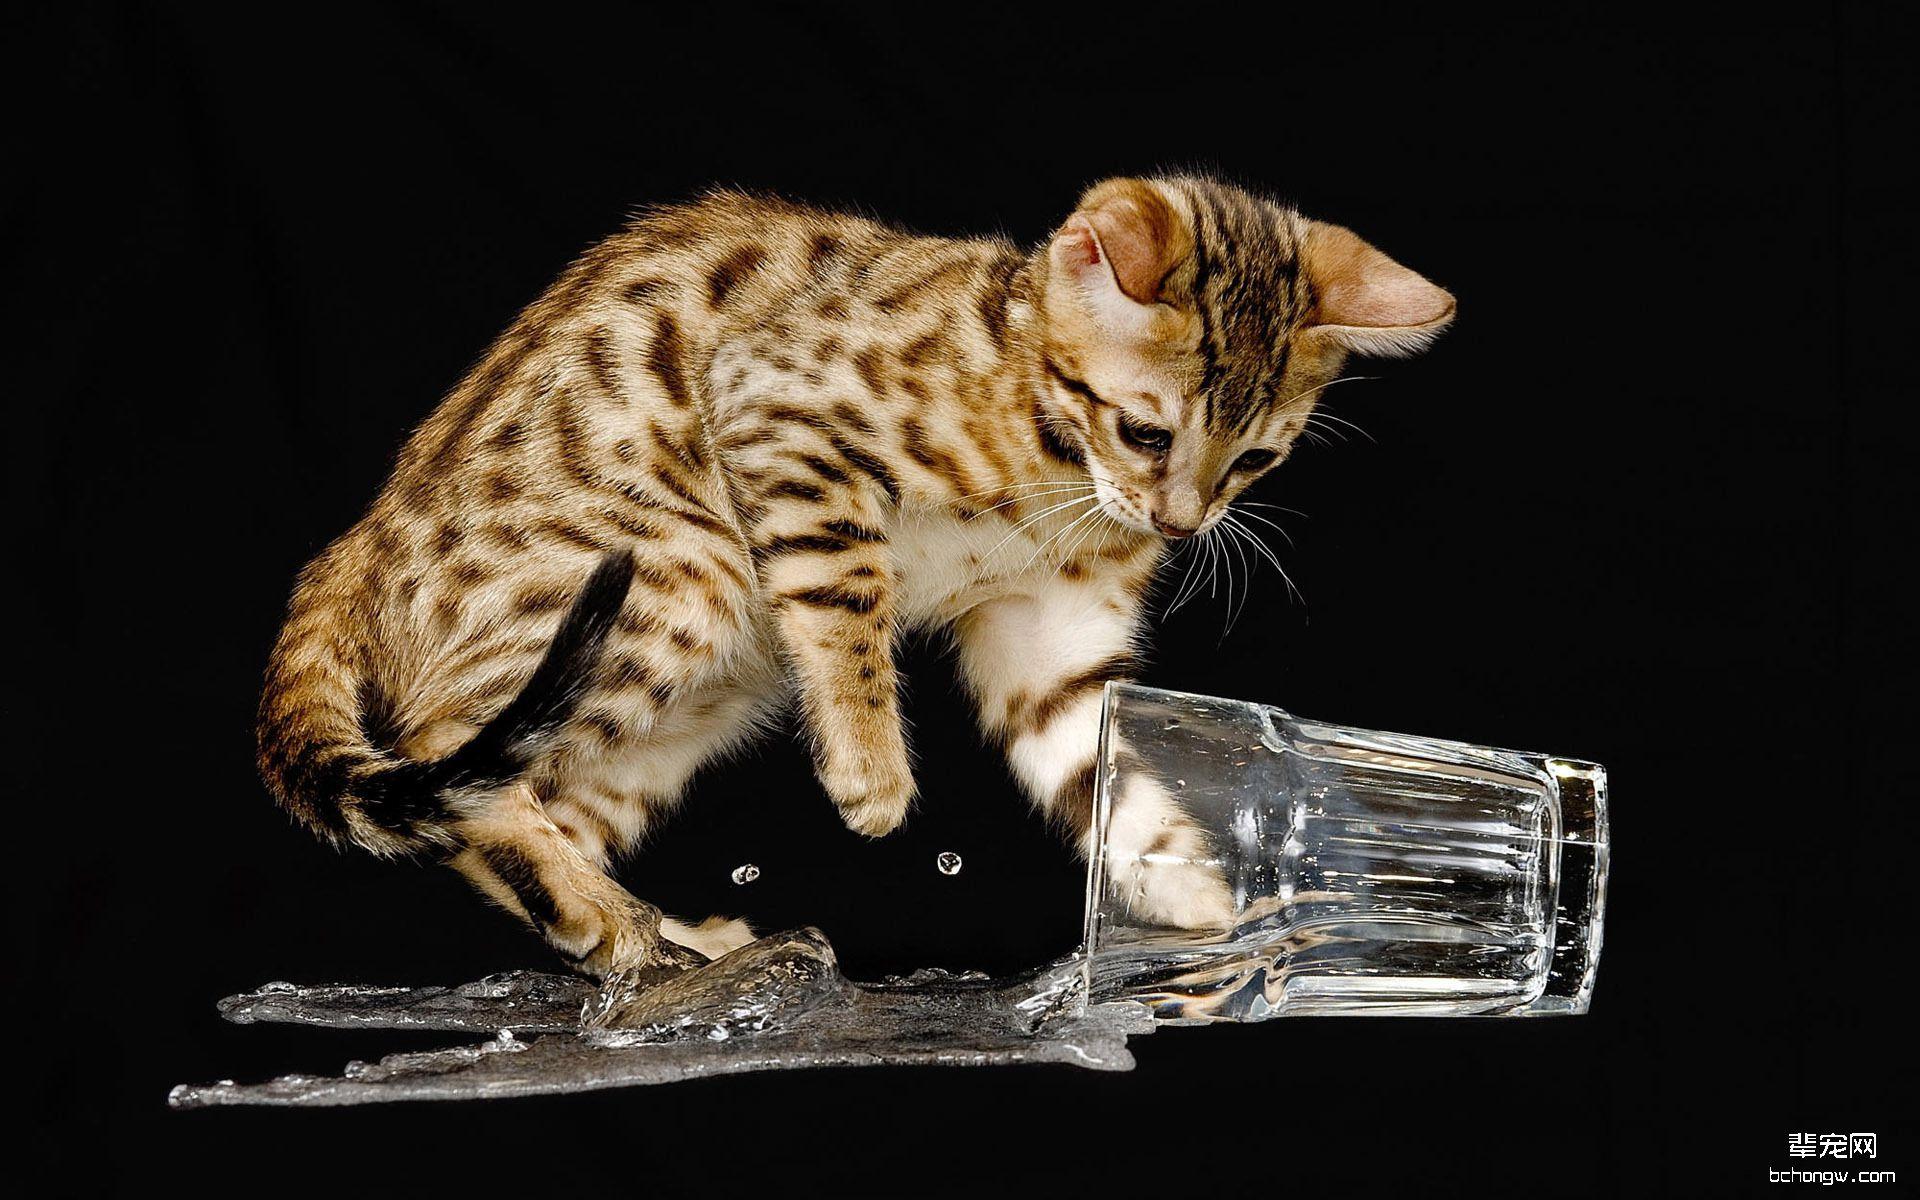 可爱的猫咪高清壁纸